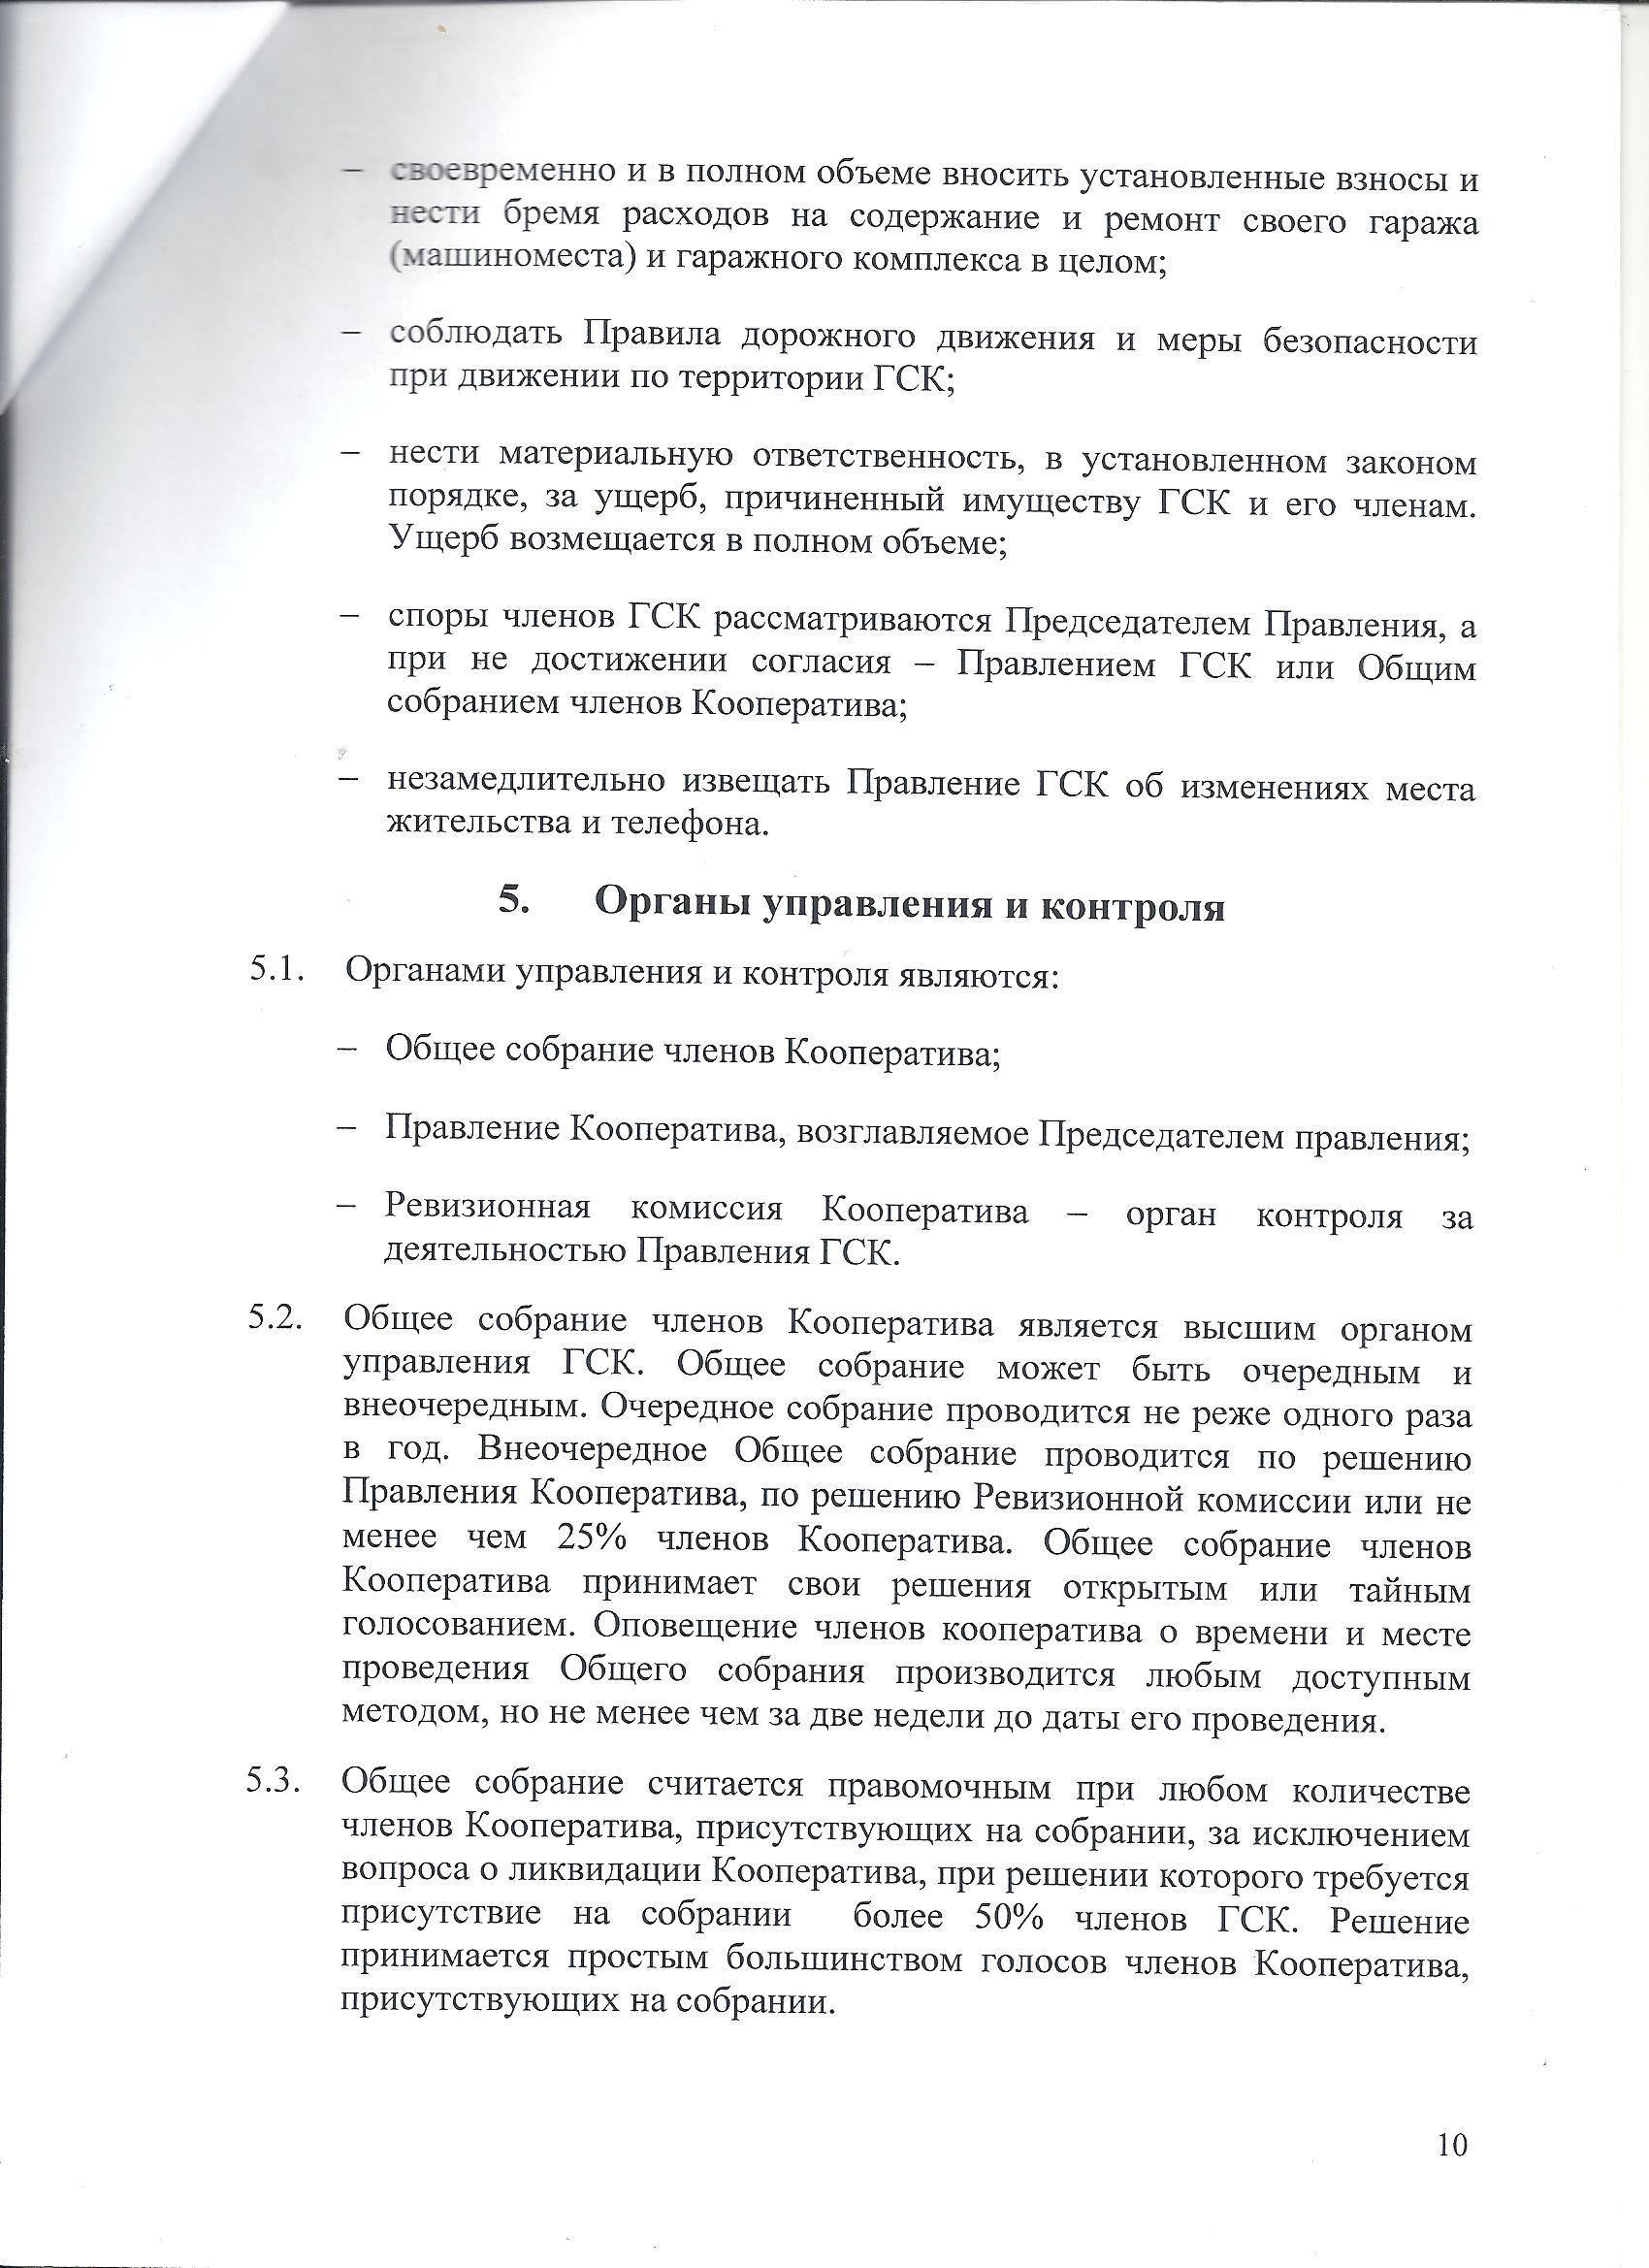 http://forumupload.ru/uploads/0018/e6/9c/2/996165.jpg